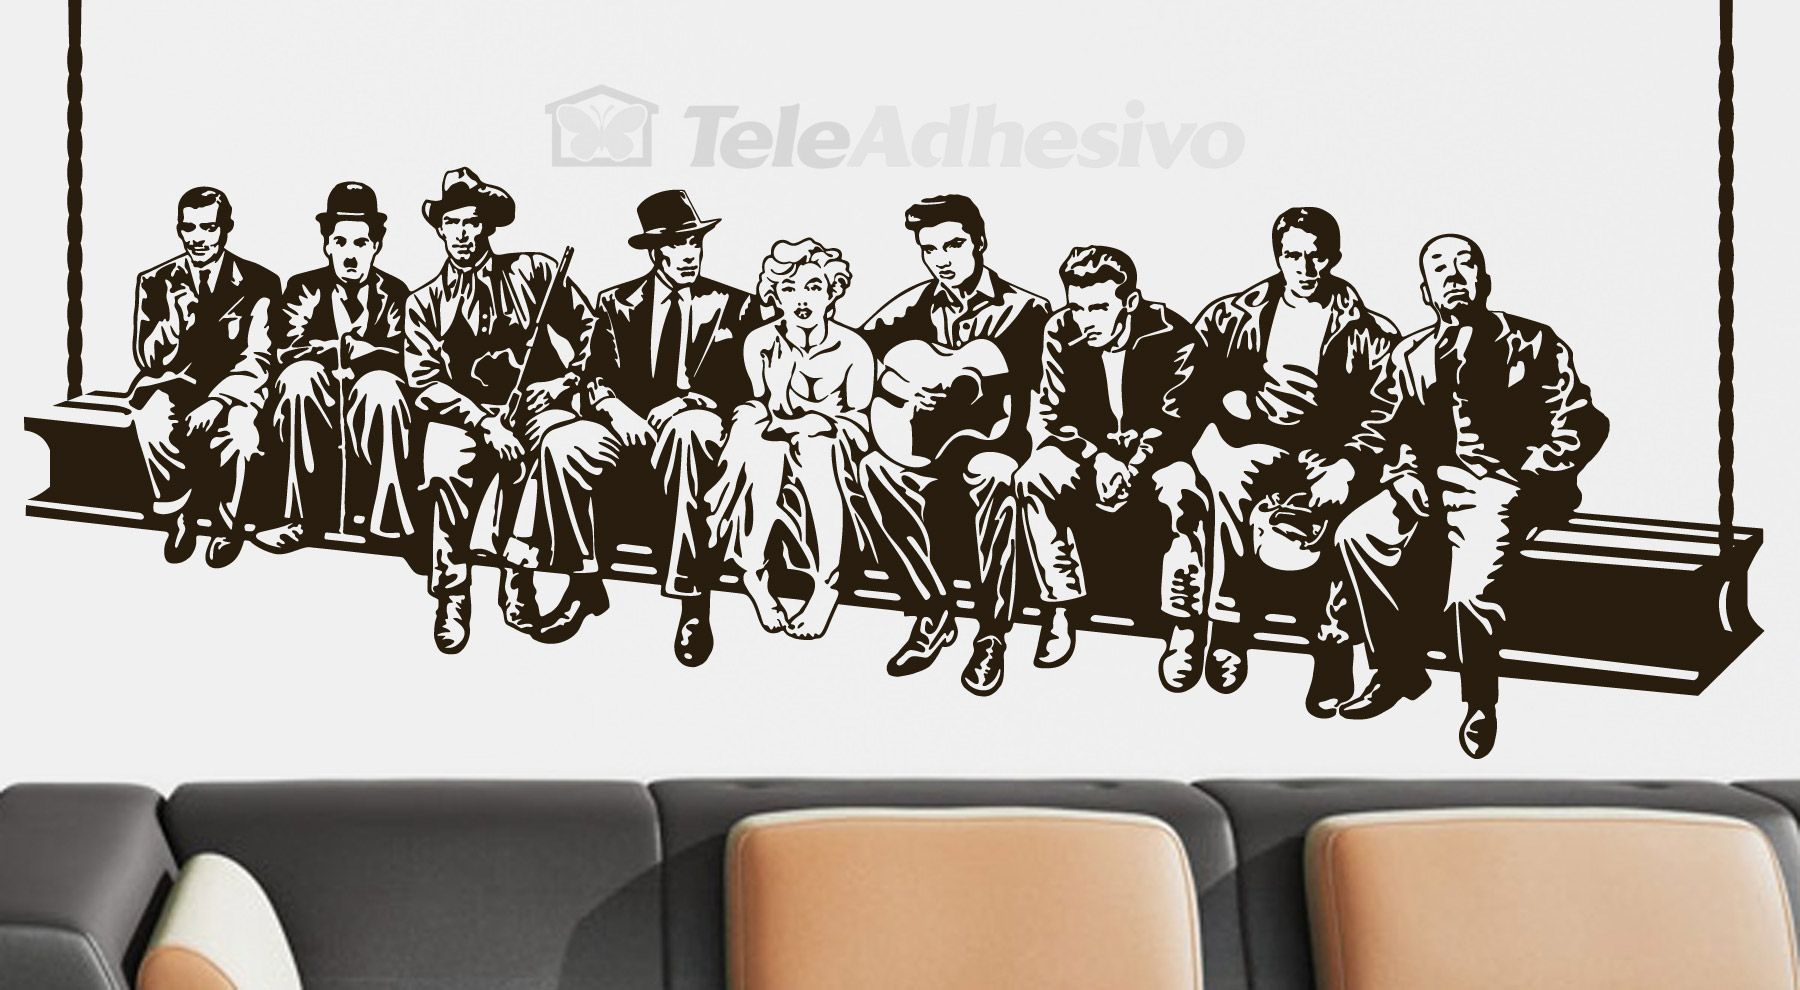 Hollywood Hills Fenêtre Scène Wall Art Vinyl Autocollant Décalque Signe la transfert